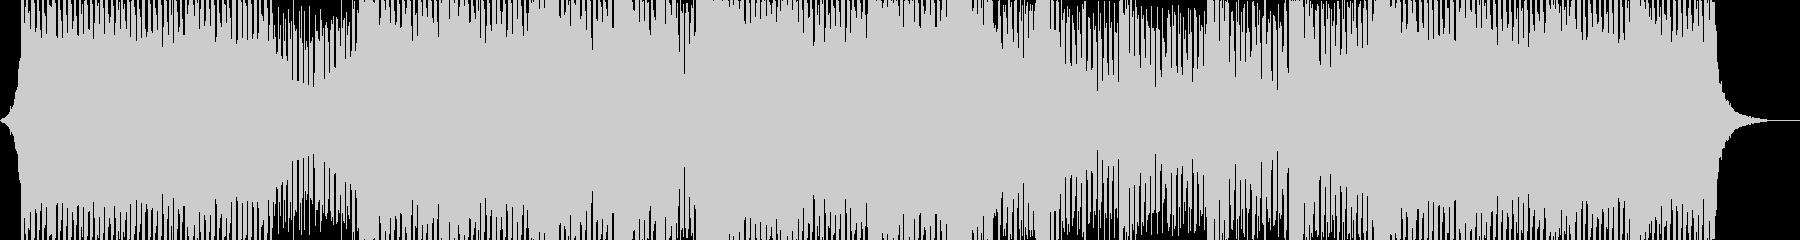 BGM向きの静か目なハウスサウンドの未再生の波形